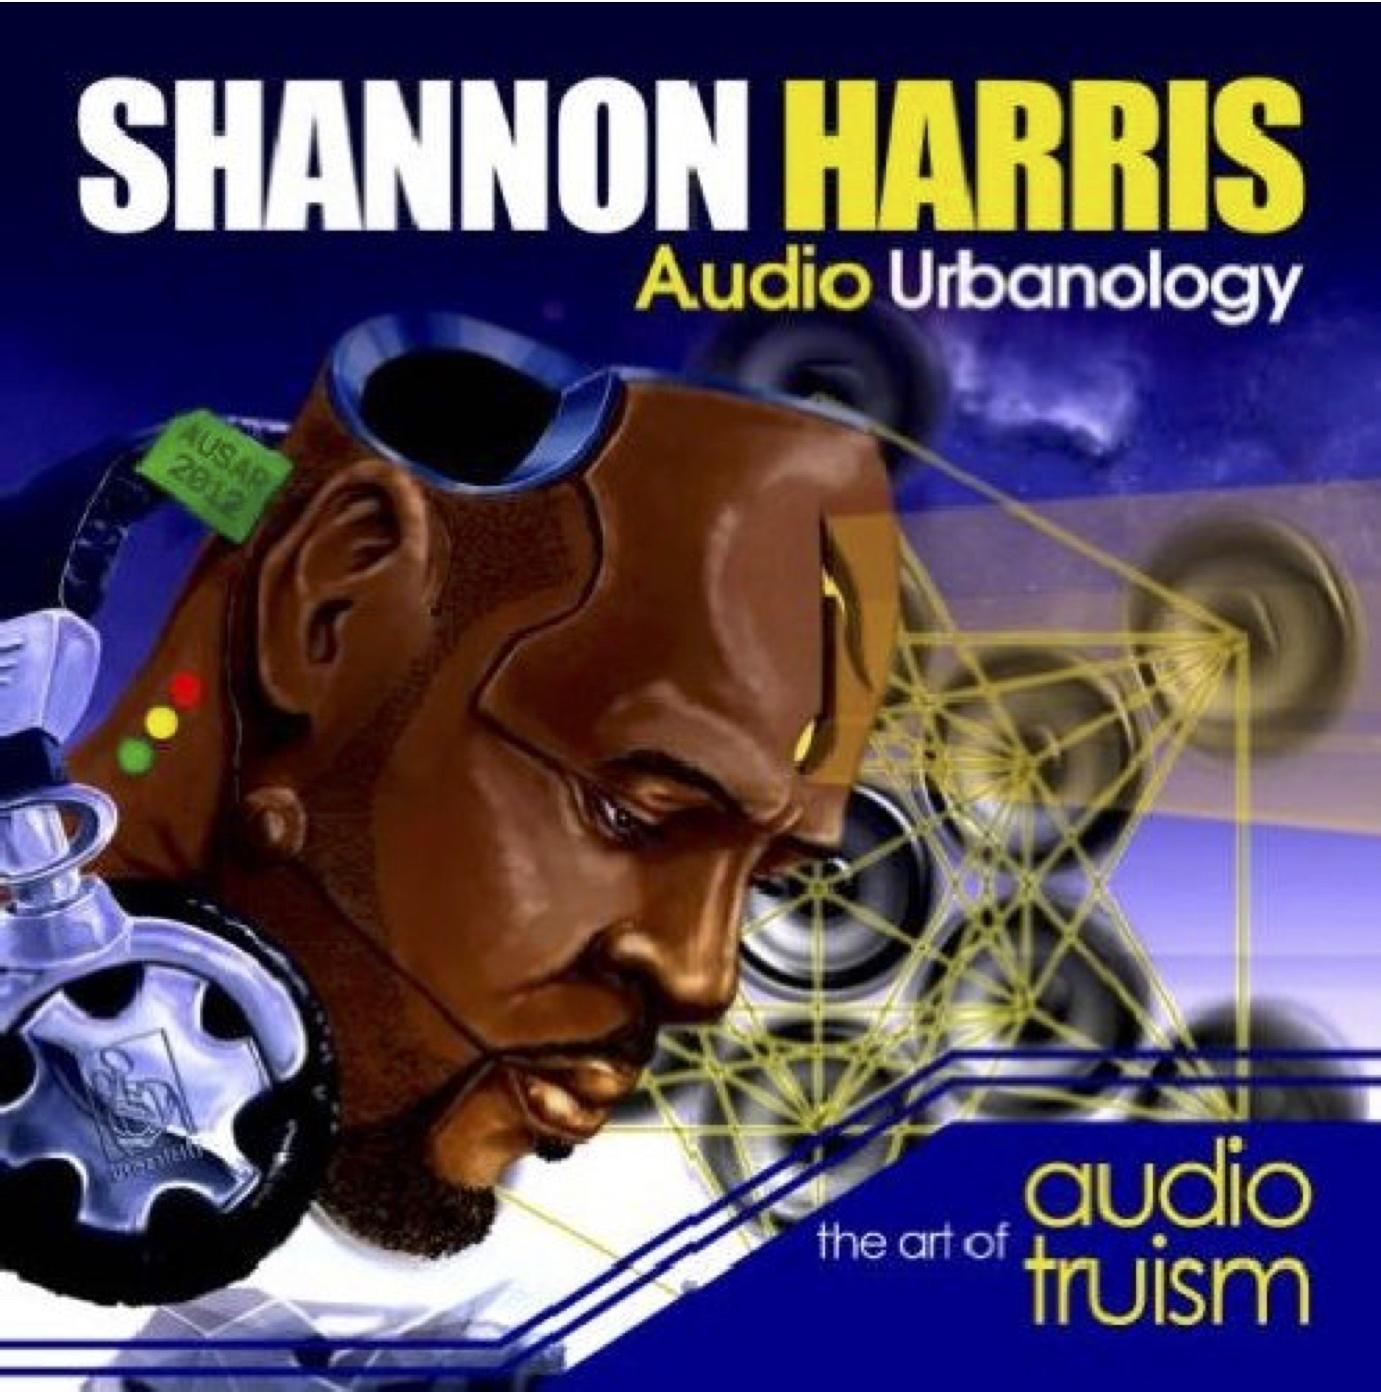 Audio Urbanology Album Cover